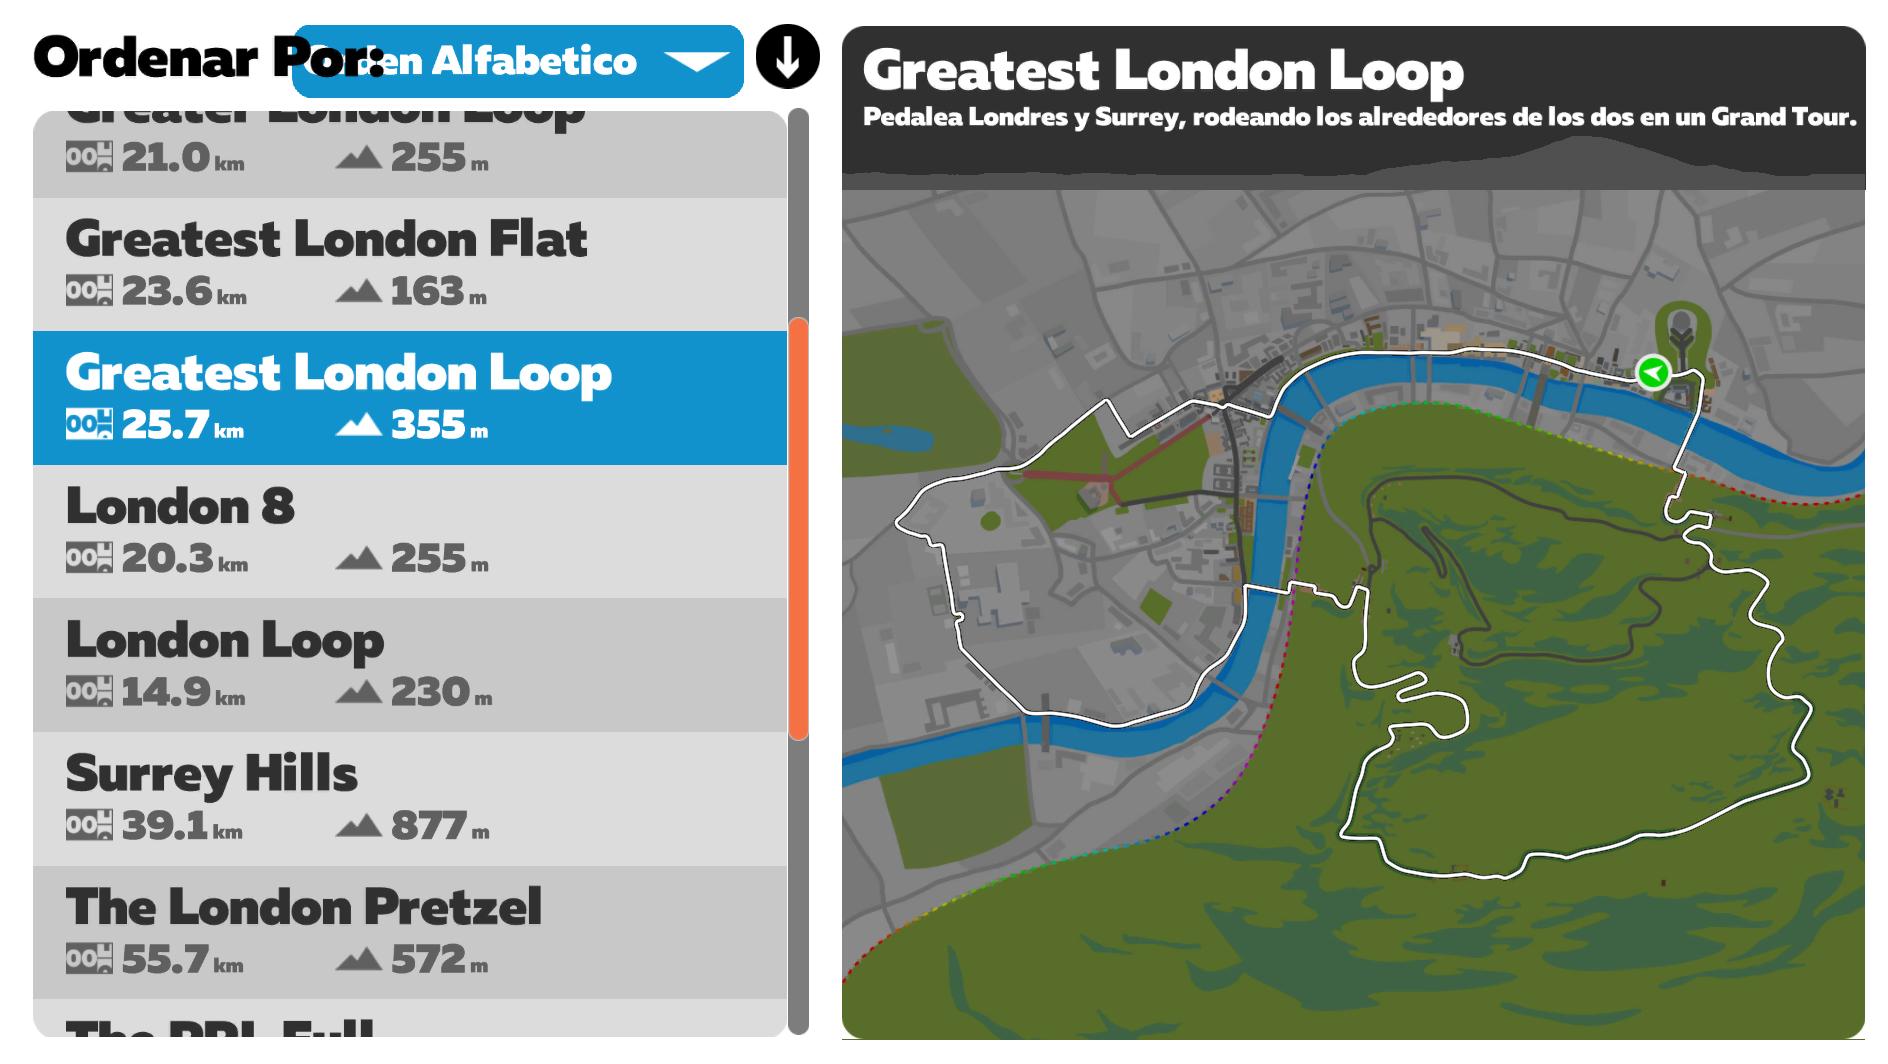 Rutas Zwift Greatest London Loop